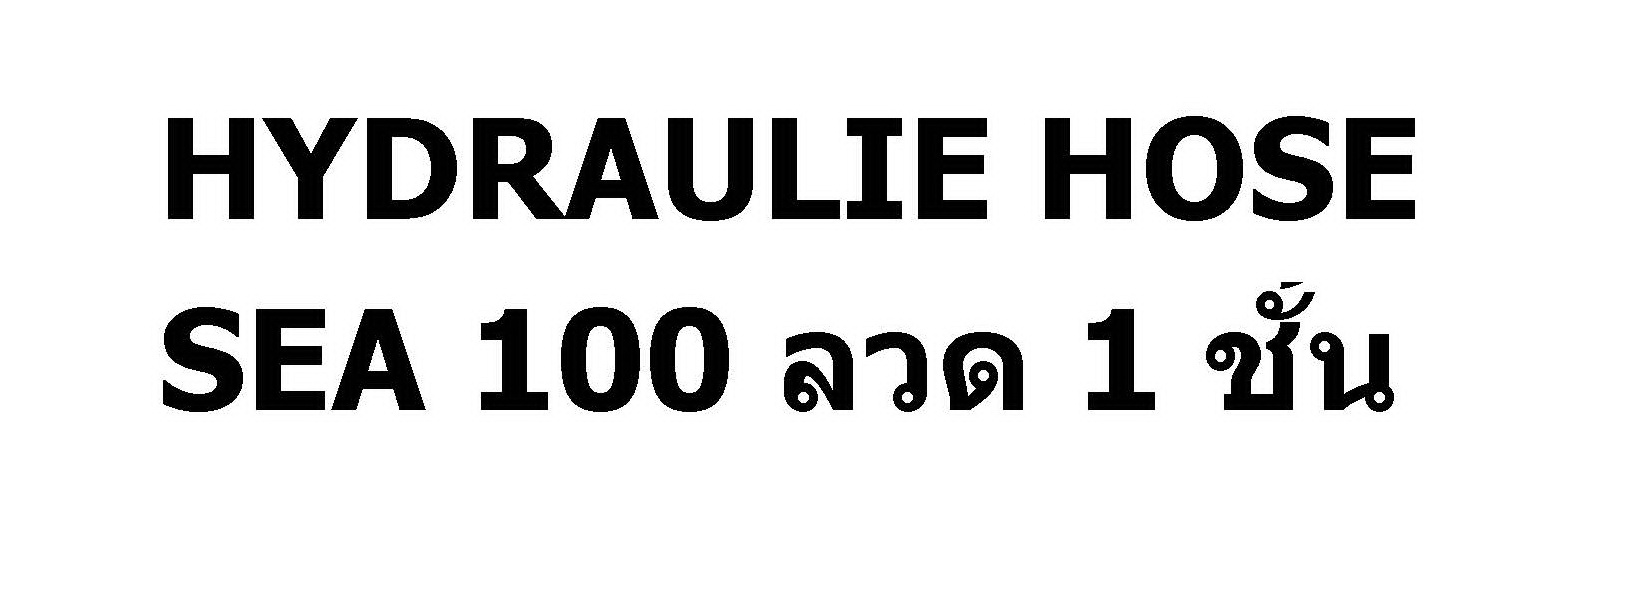 สายHYDRAULIE HOSE-SEA100 ลวด 1 ชั้น